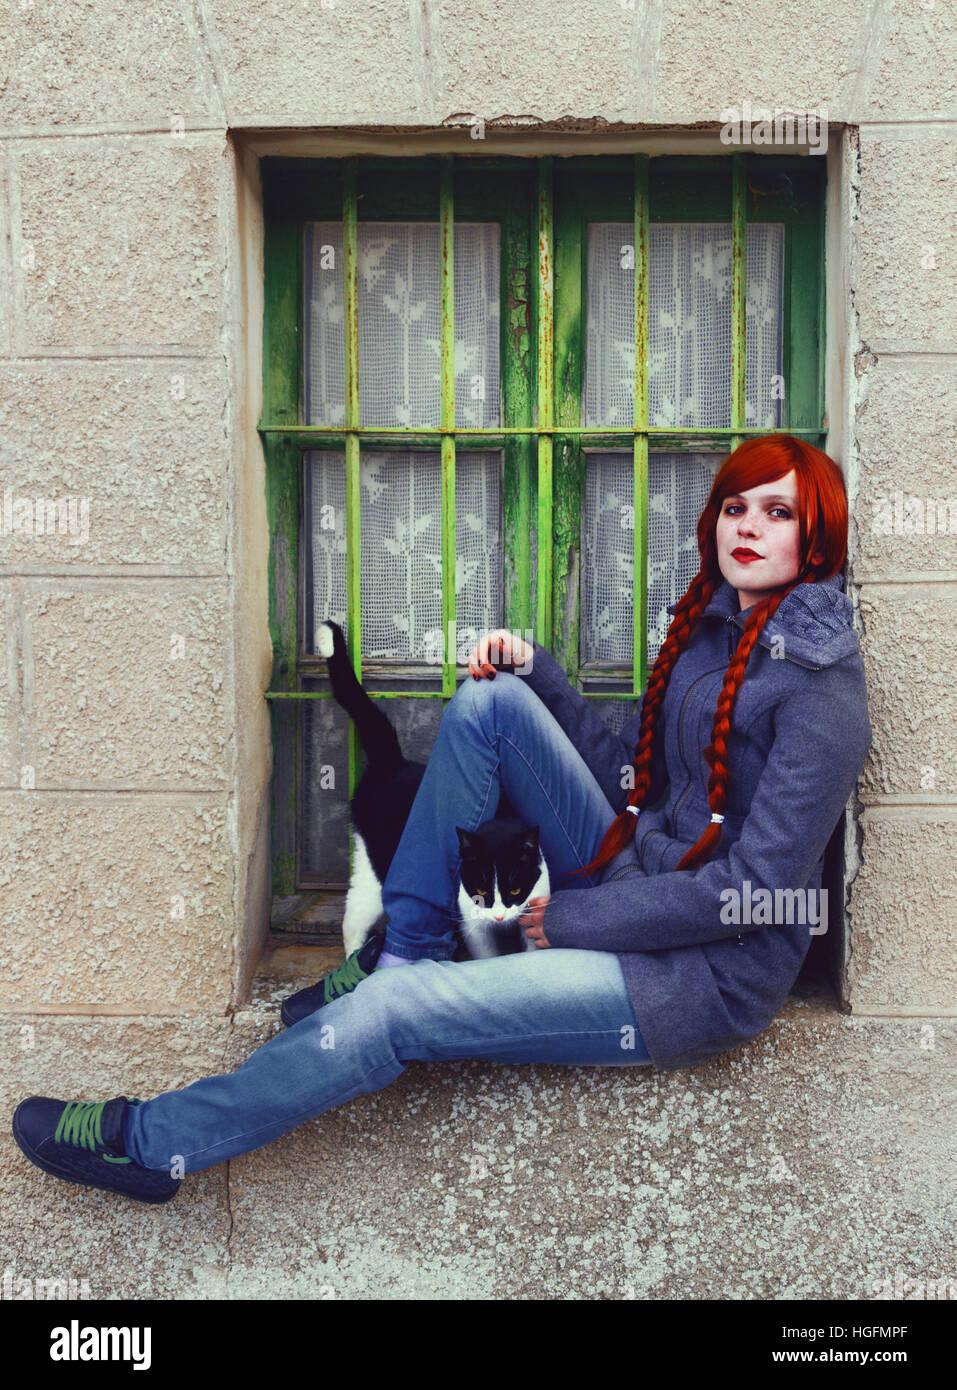 Junge rothaarige Frau, mit zwei langen Zöpfen, sitzen in der Nähe von einem alten Fenster Stockbild